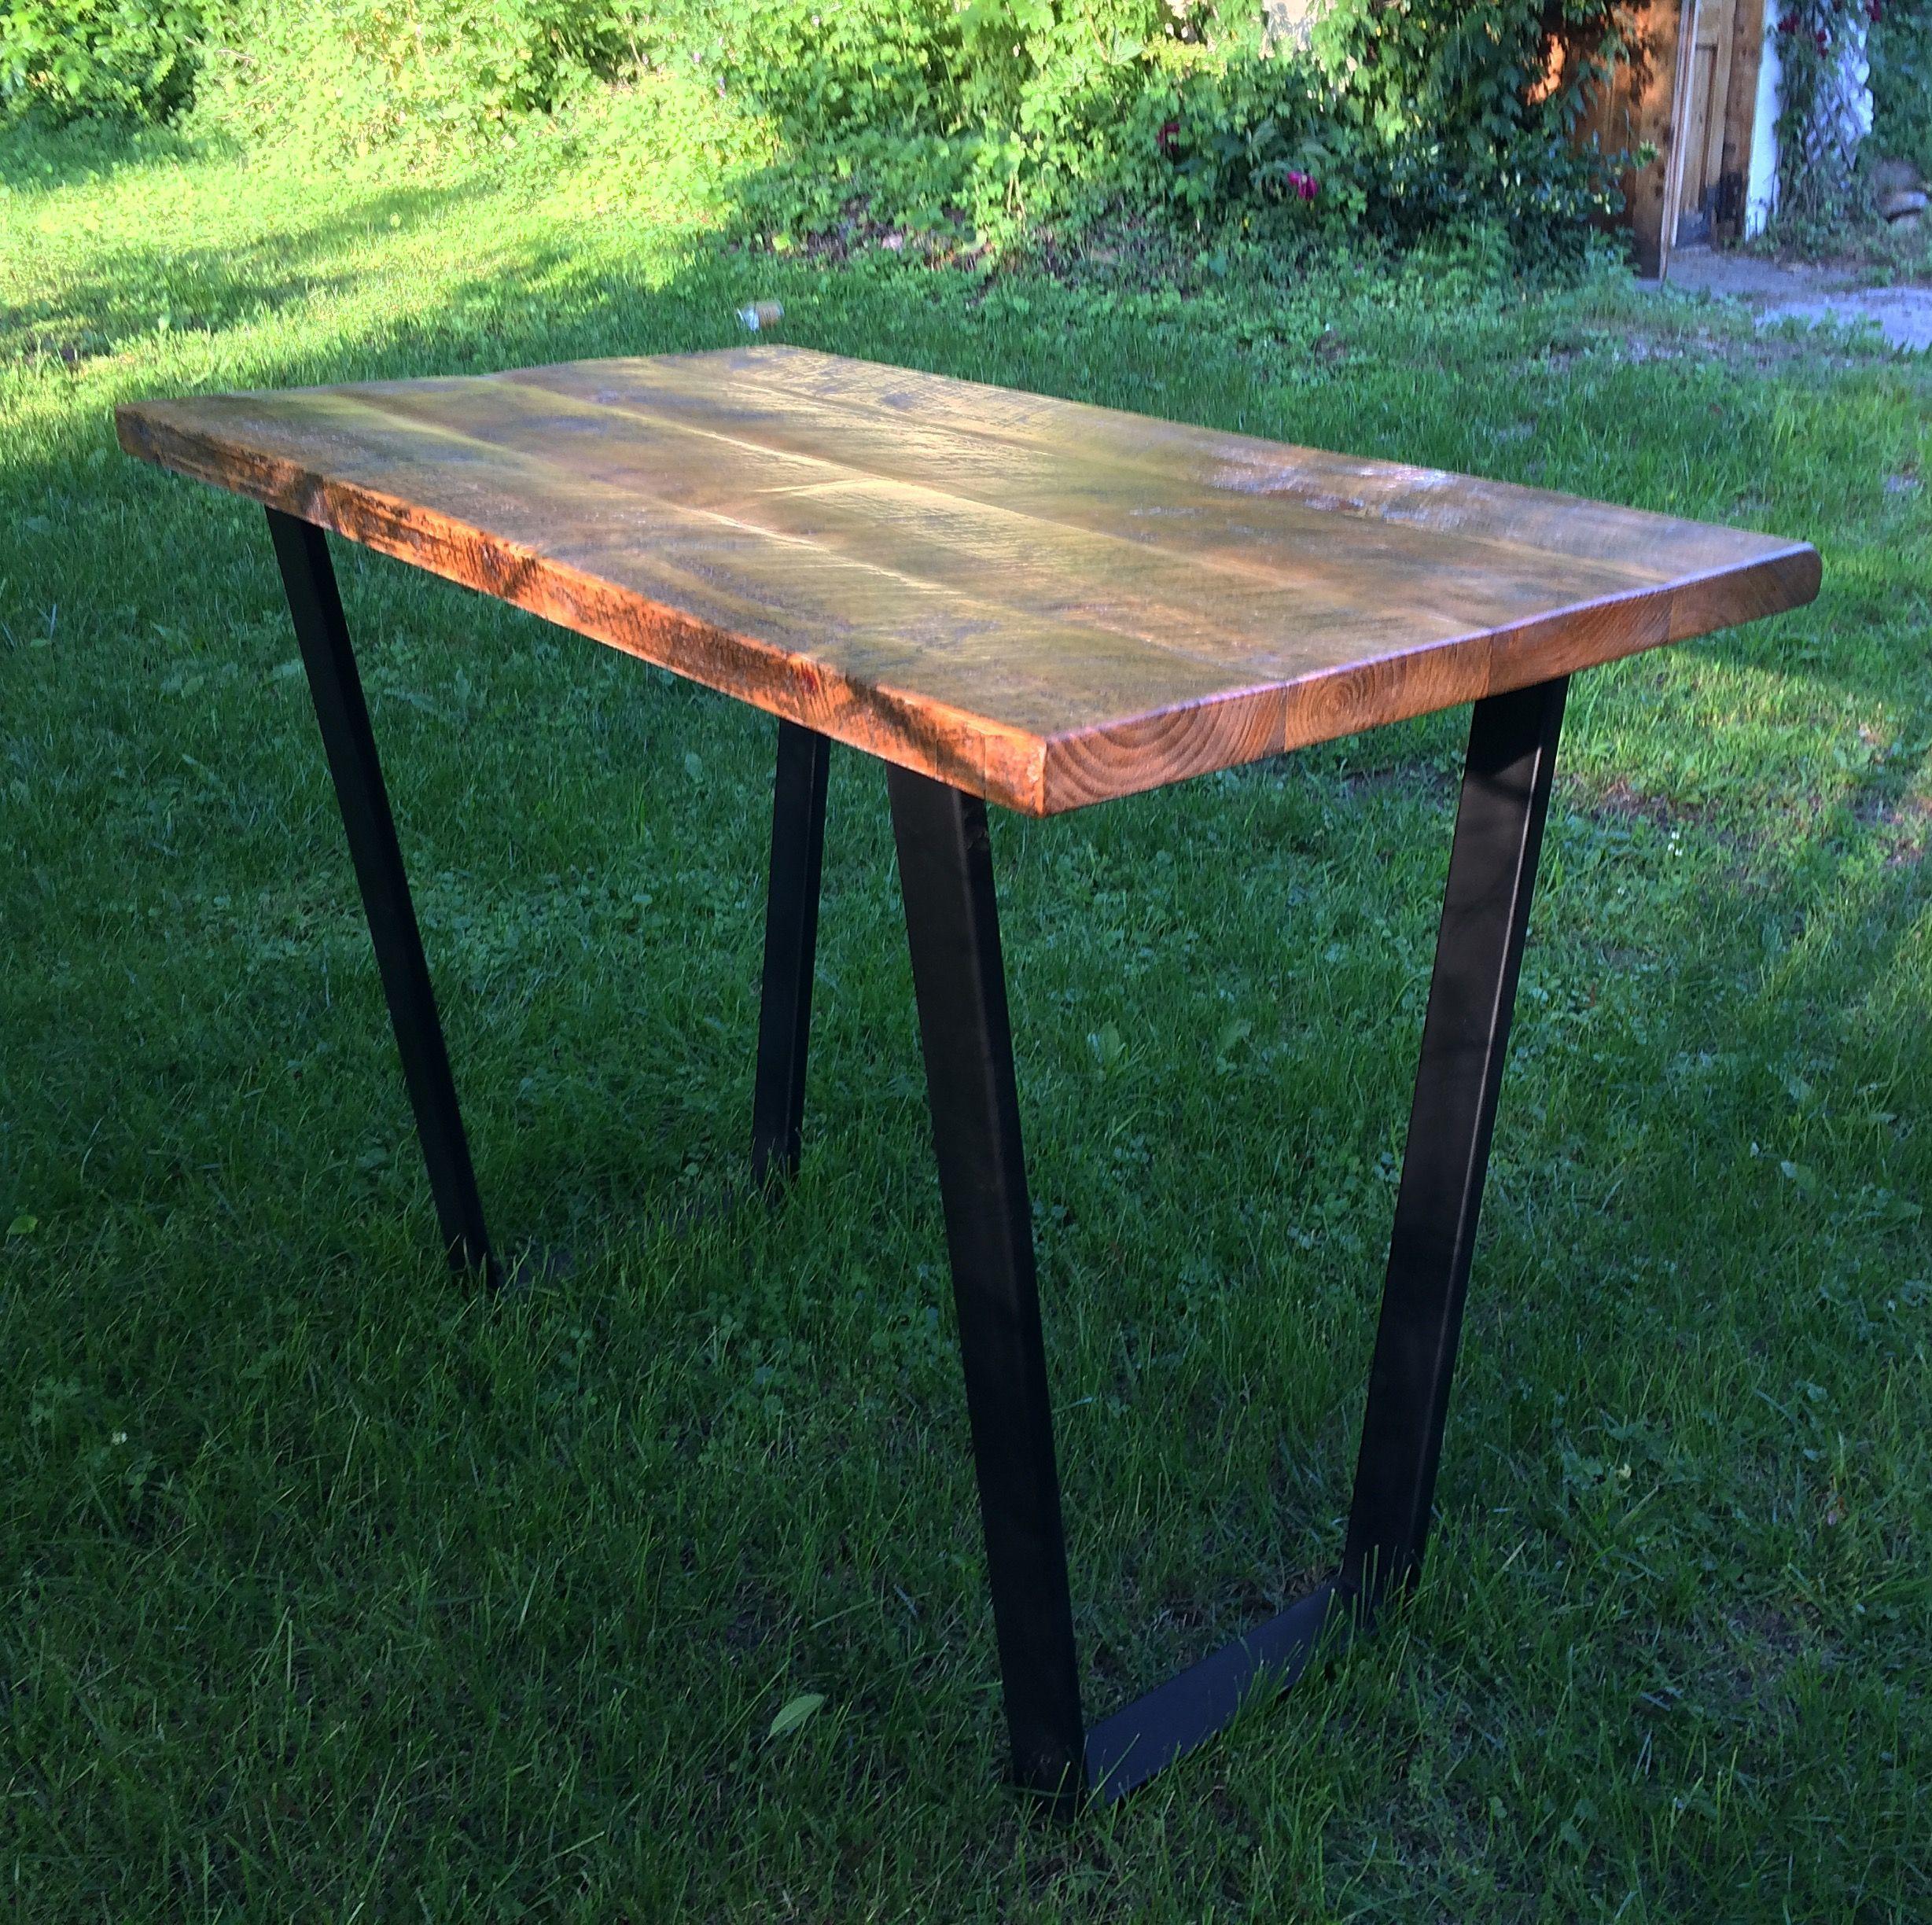 Matthew elias elias custom furniture and design newton nj